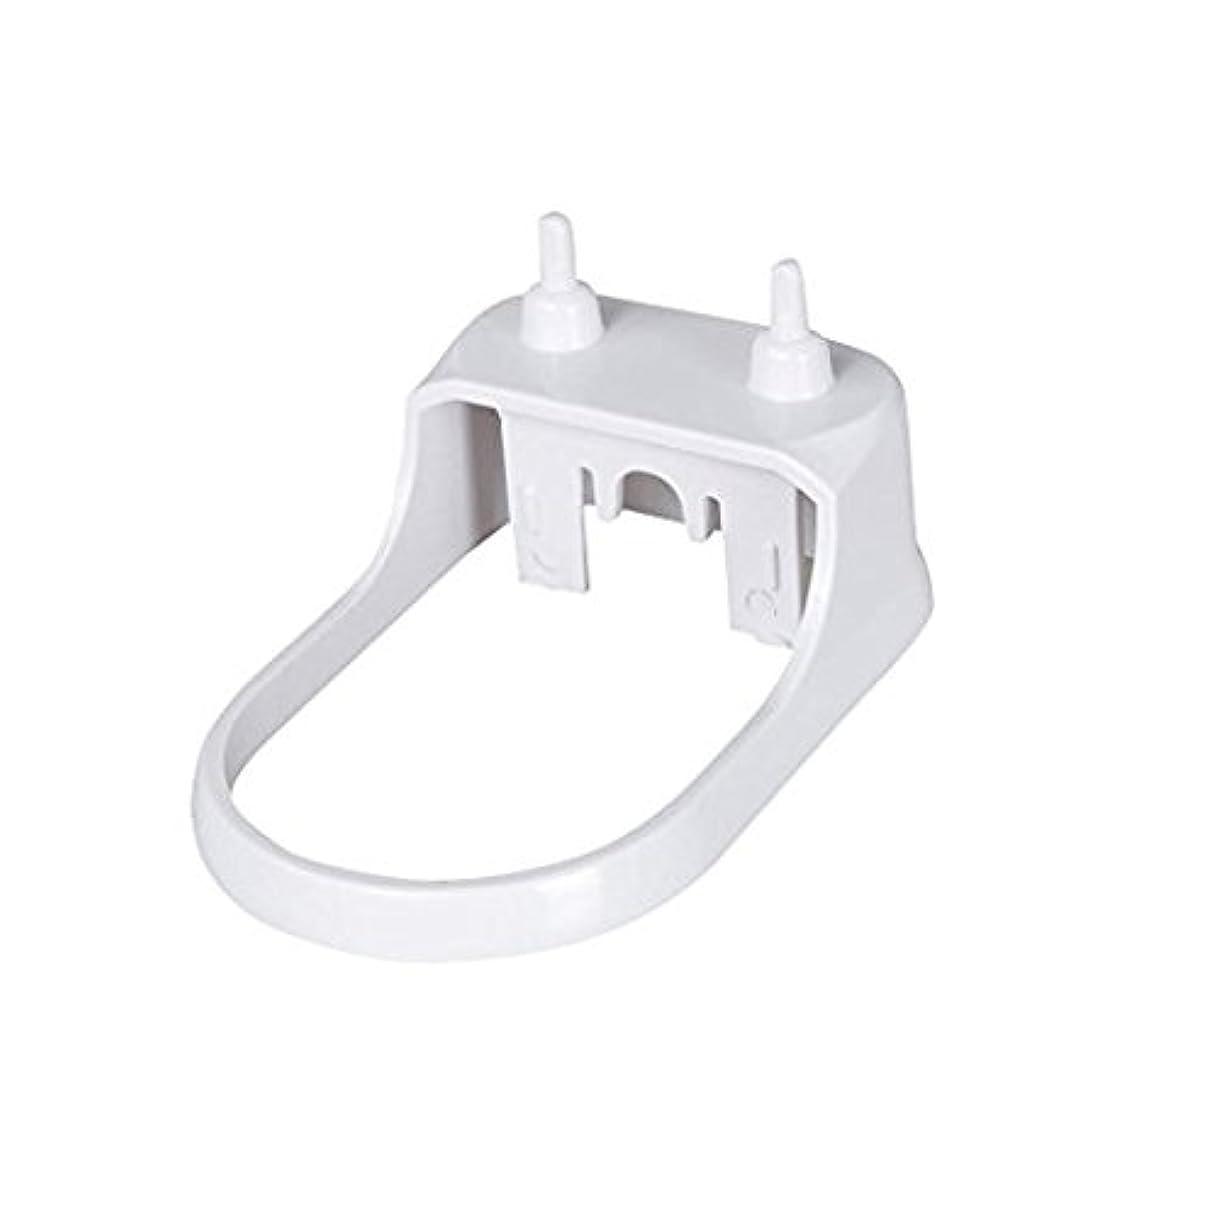 アイドルカメハードプラスチックスタンド for Philips sonicare 電動歯ブラシ専用 携帯用小型充電器 フィリップス ソニッケアー音波電動歯ブラシ 充電器 by Kadior (ホワイト)